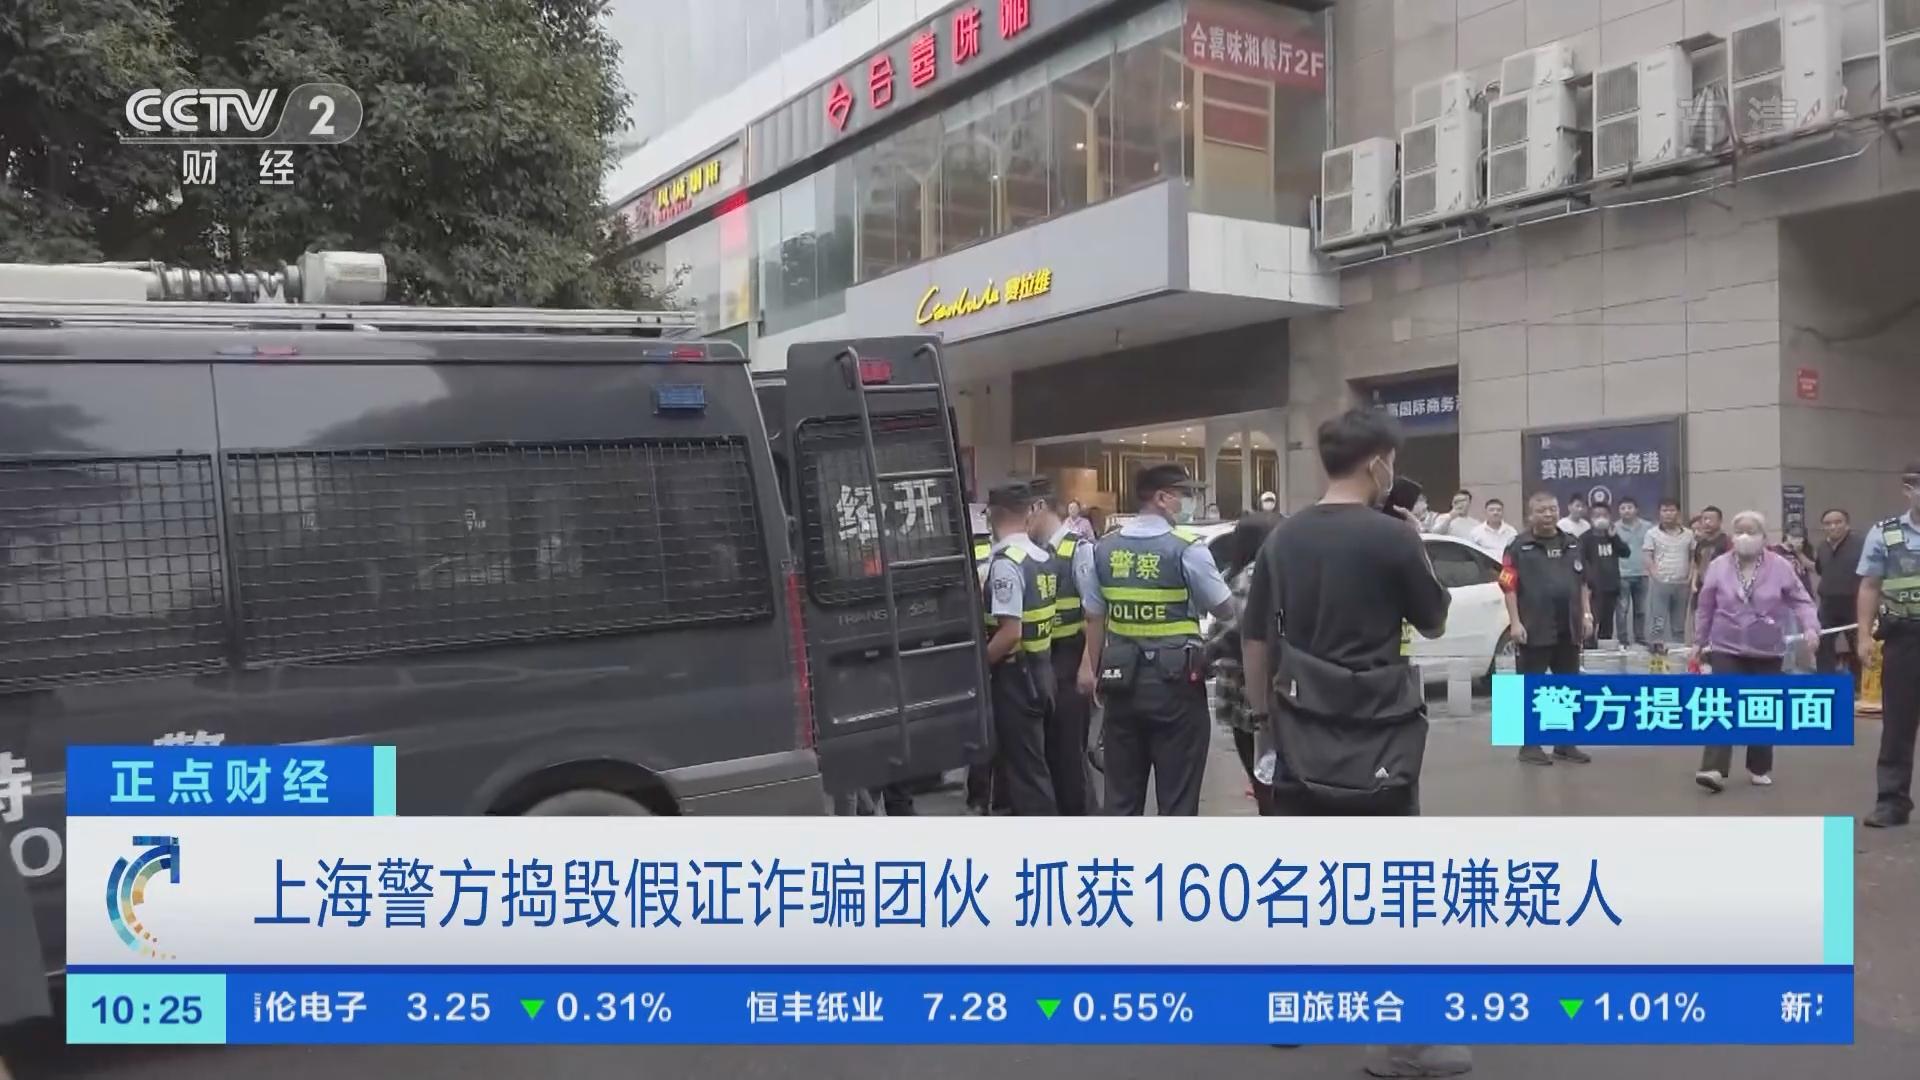 [正点财经]上海警方捣毁假证诈骗团伙 抓获160名犯罪嫌疑人